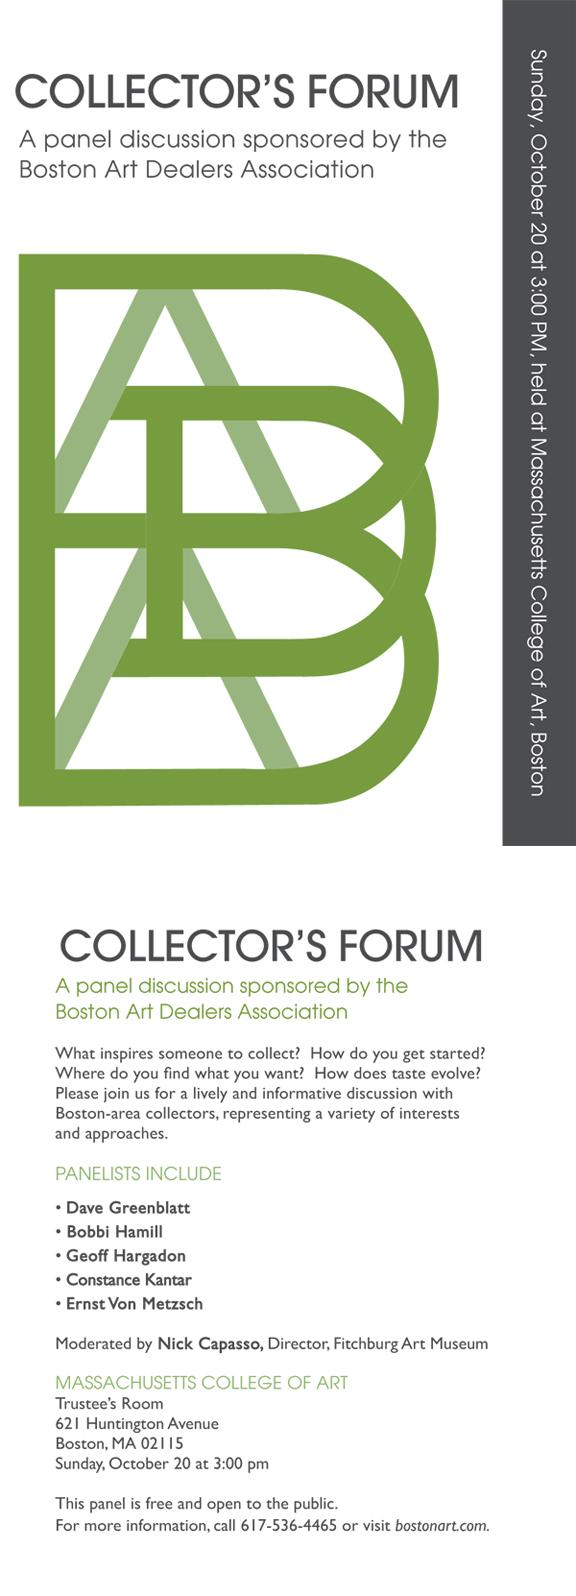 CollectorsForum.jpg